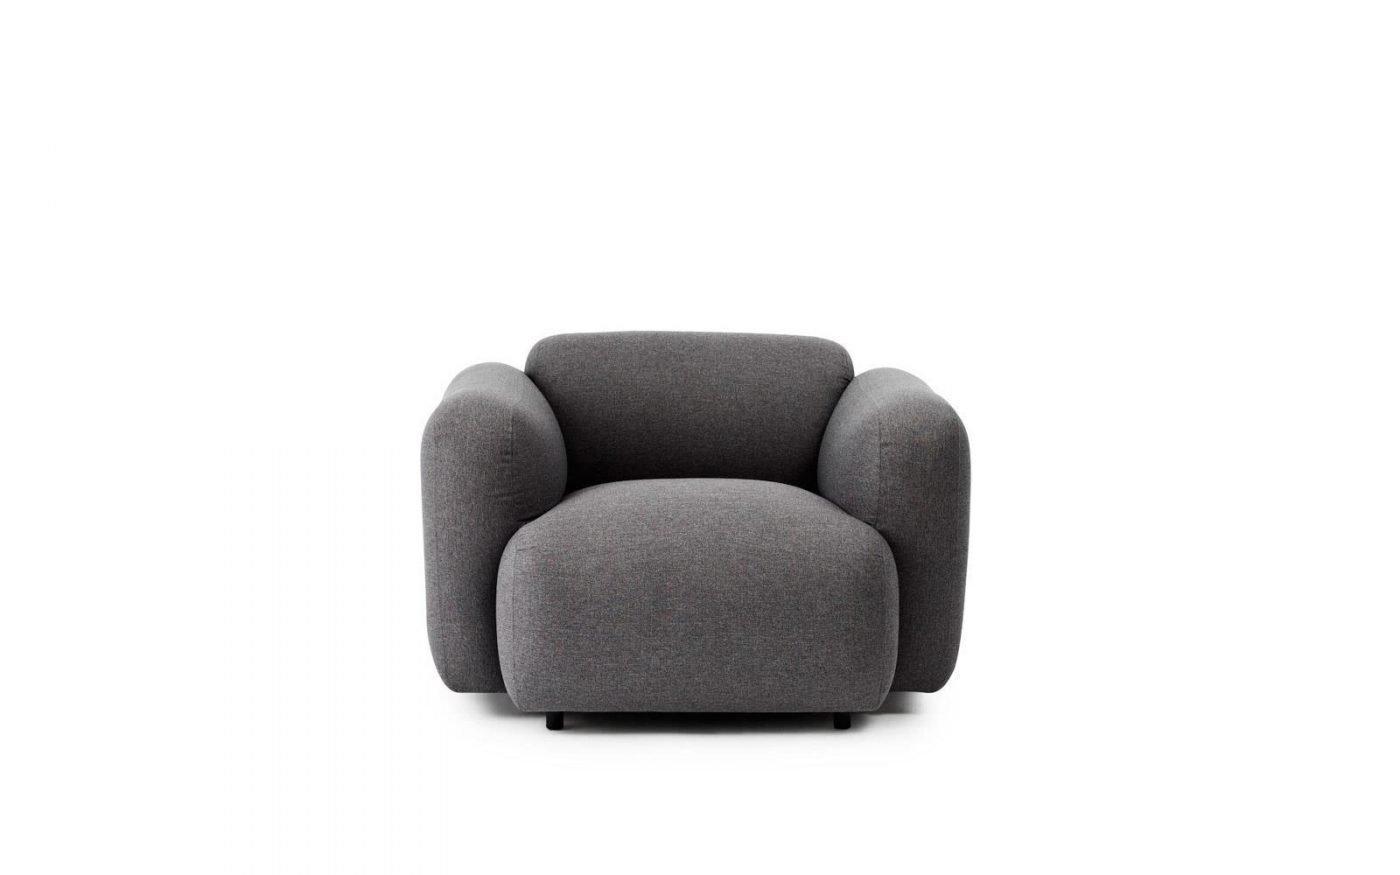 Swell-Armchair--Normann-copenhagen